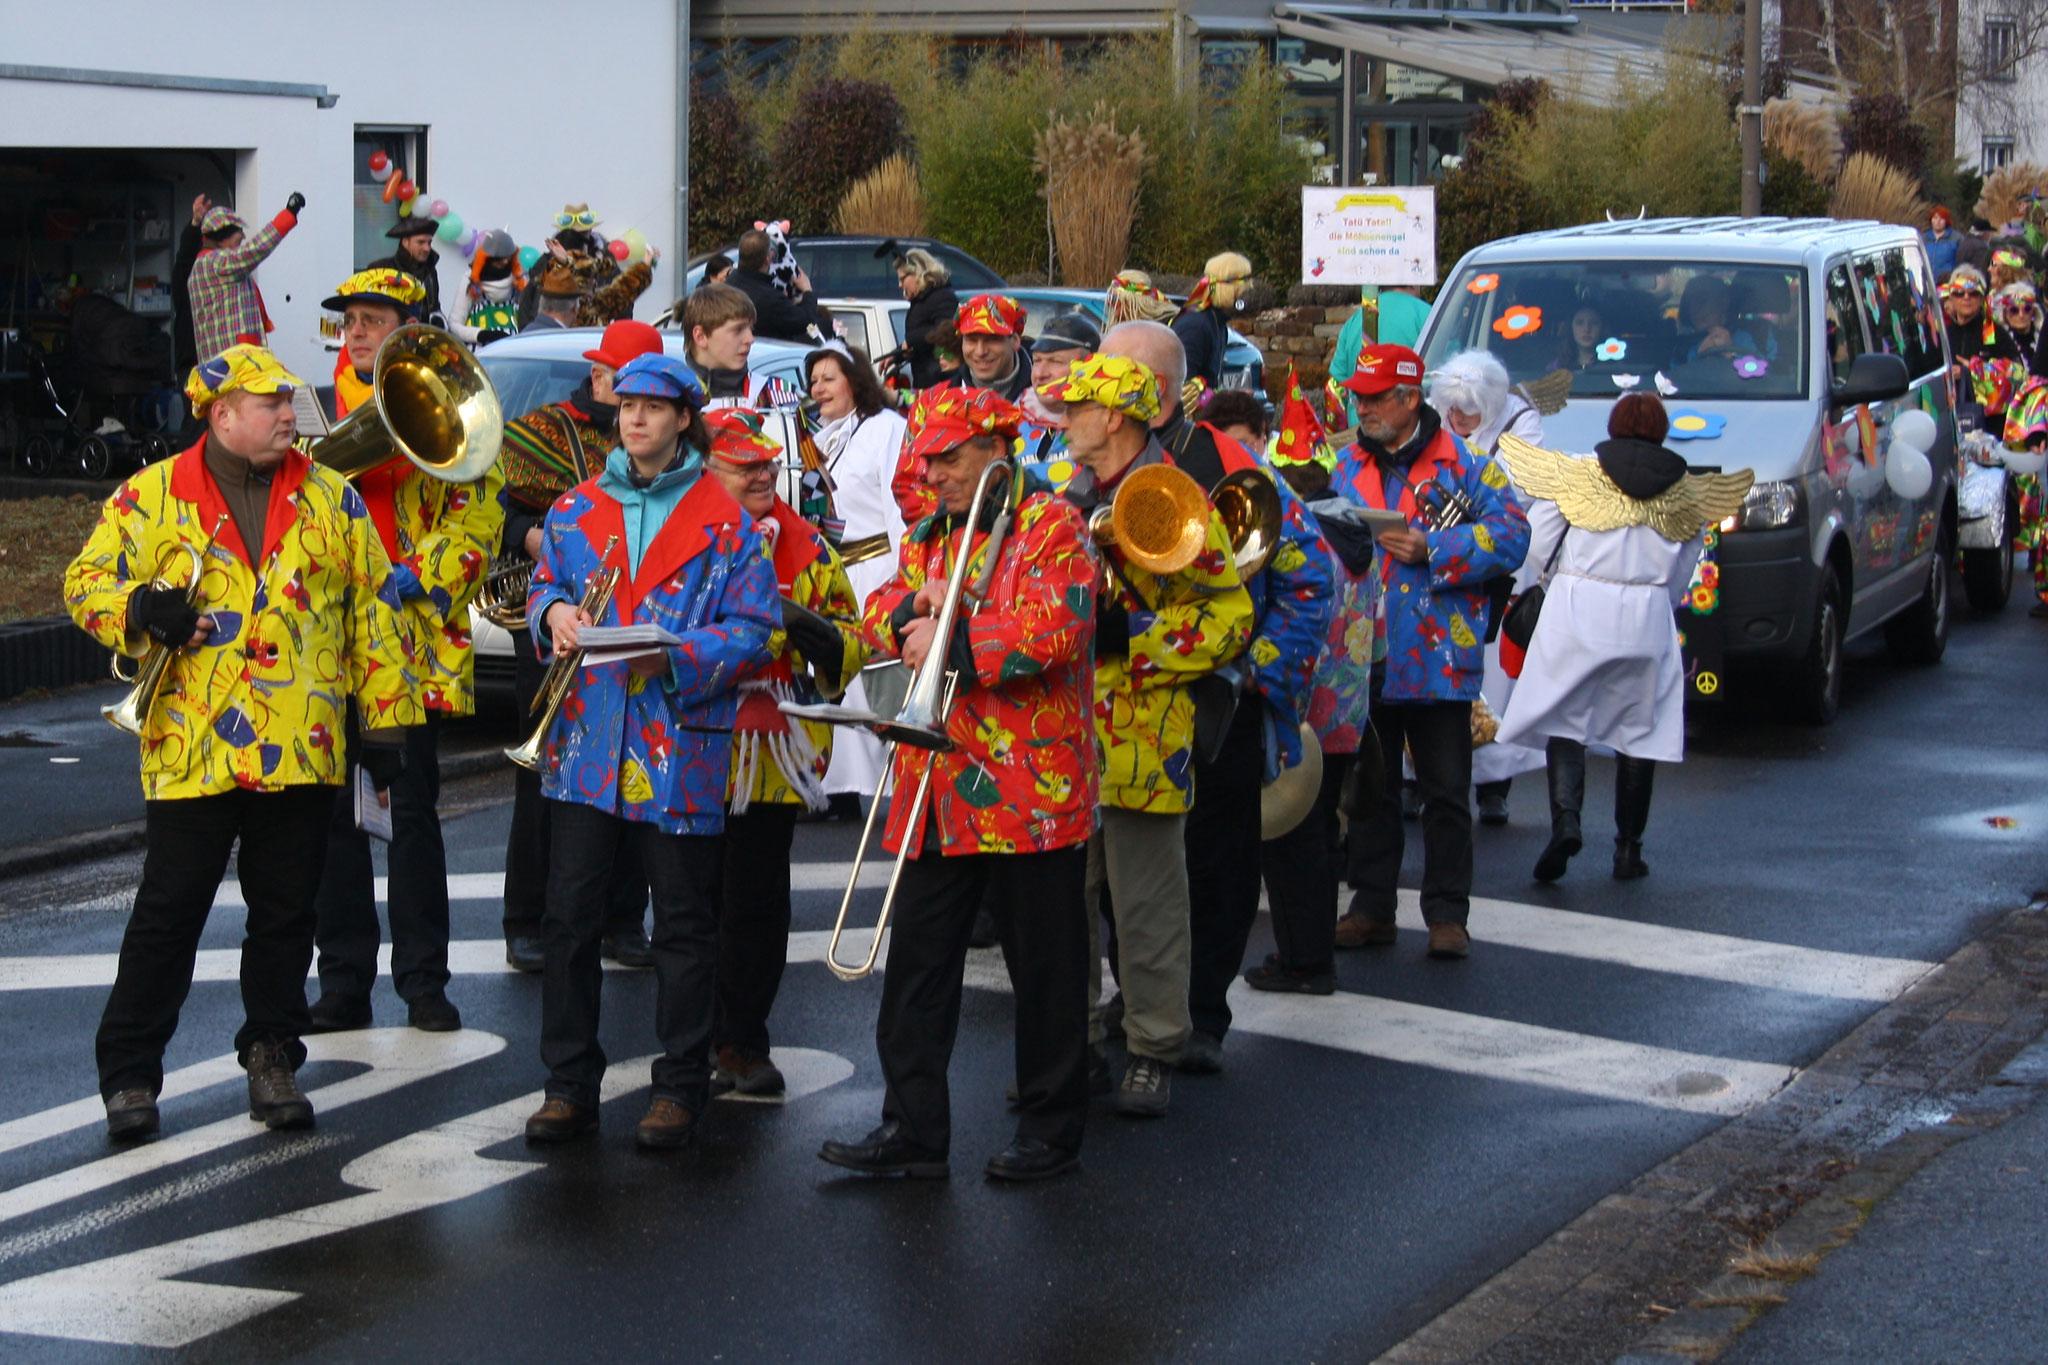 1 Karneval in Walporzheim/Carnival in Walporzheim